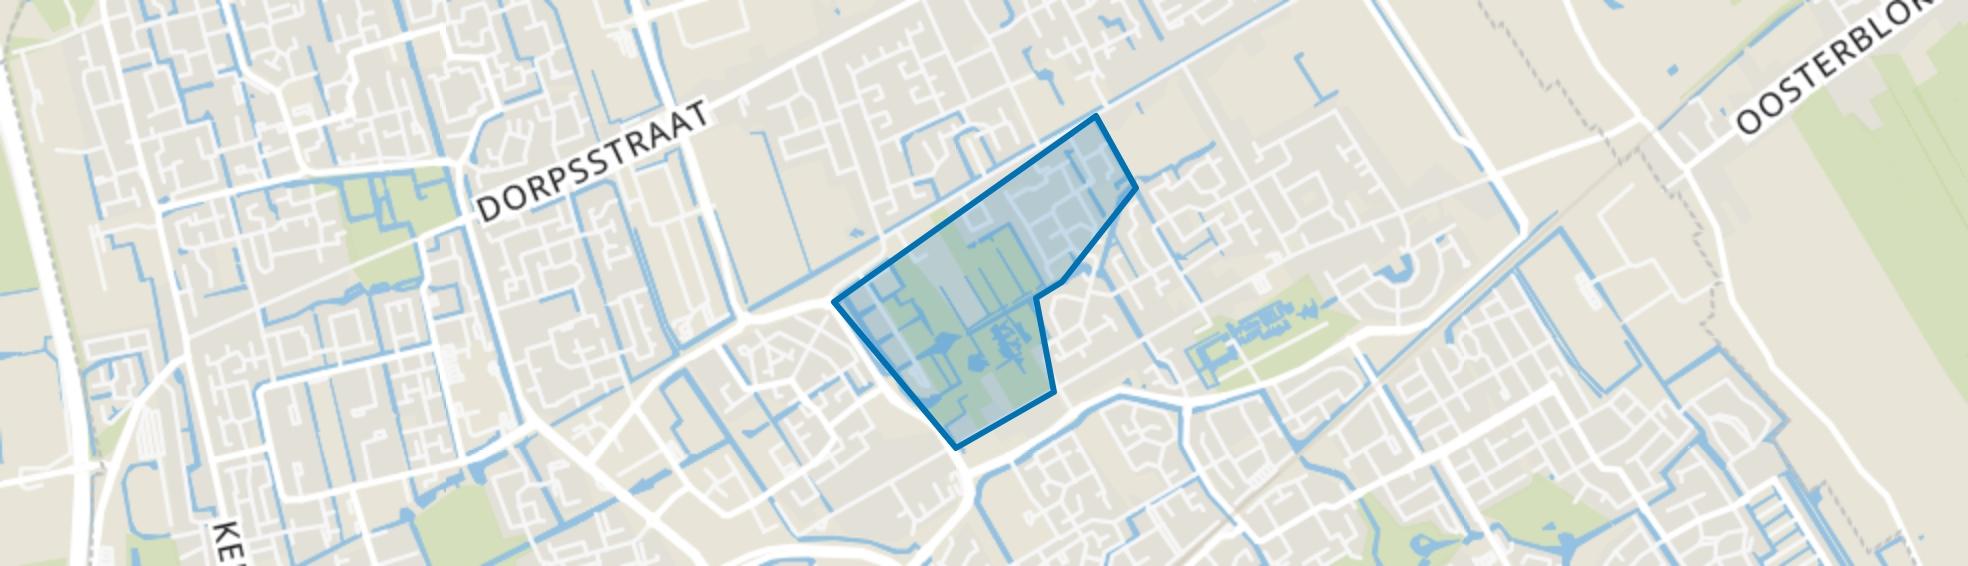 Blokker - Buurt 31 03, Blokker map